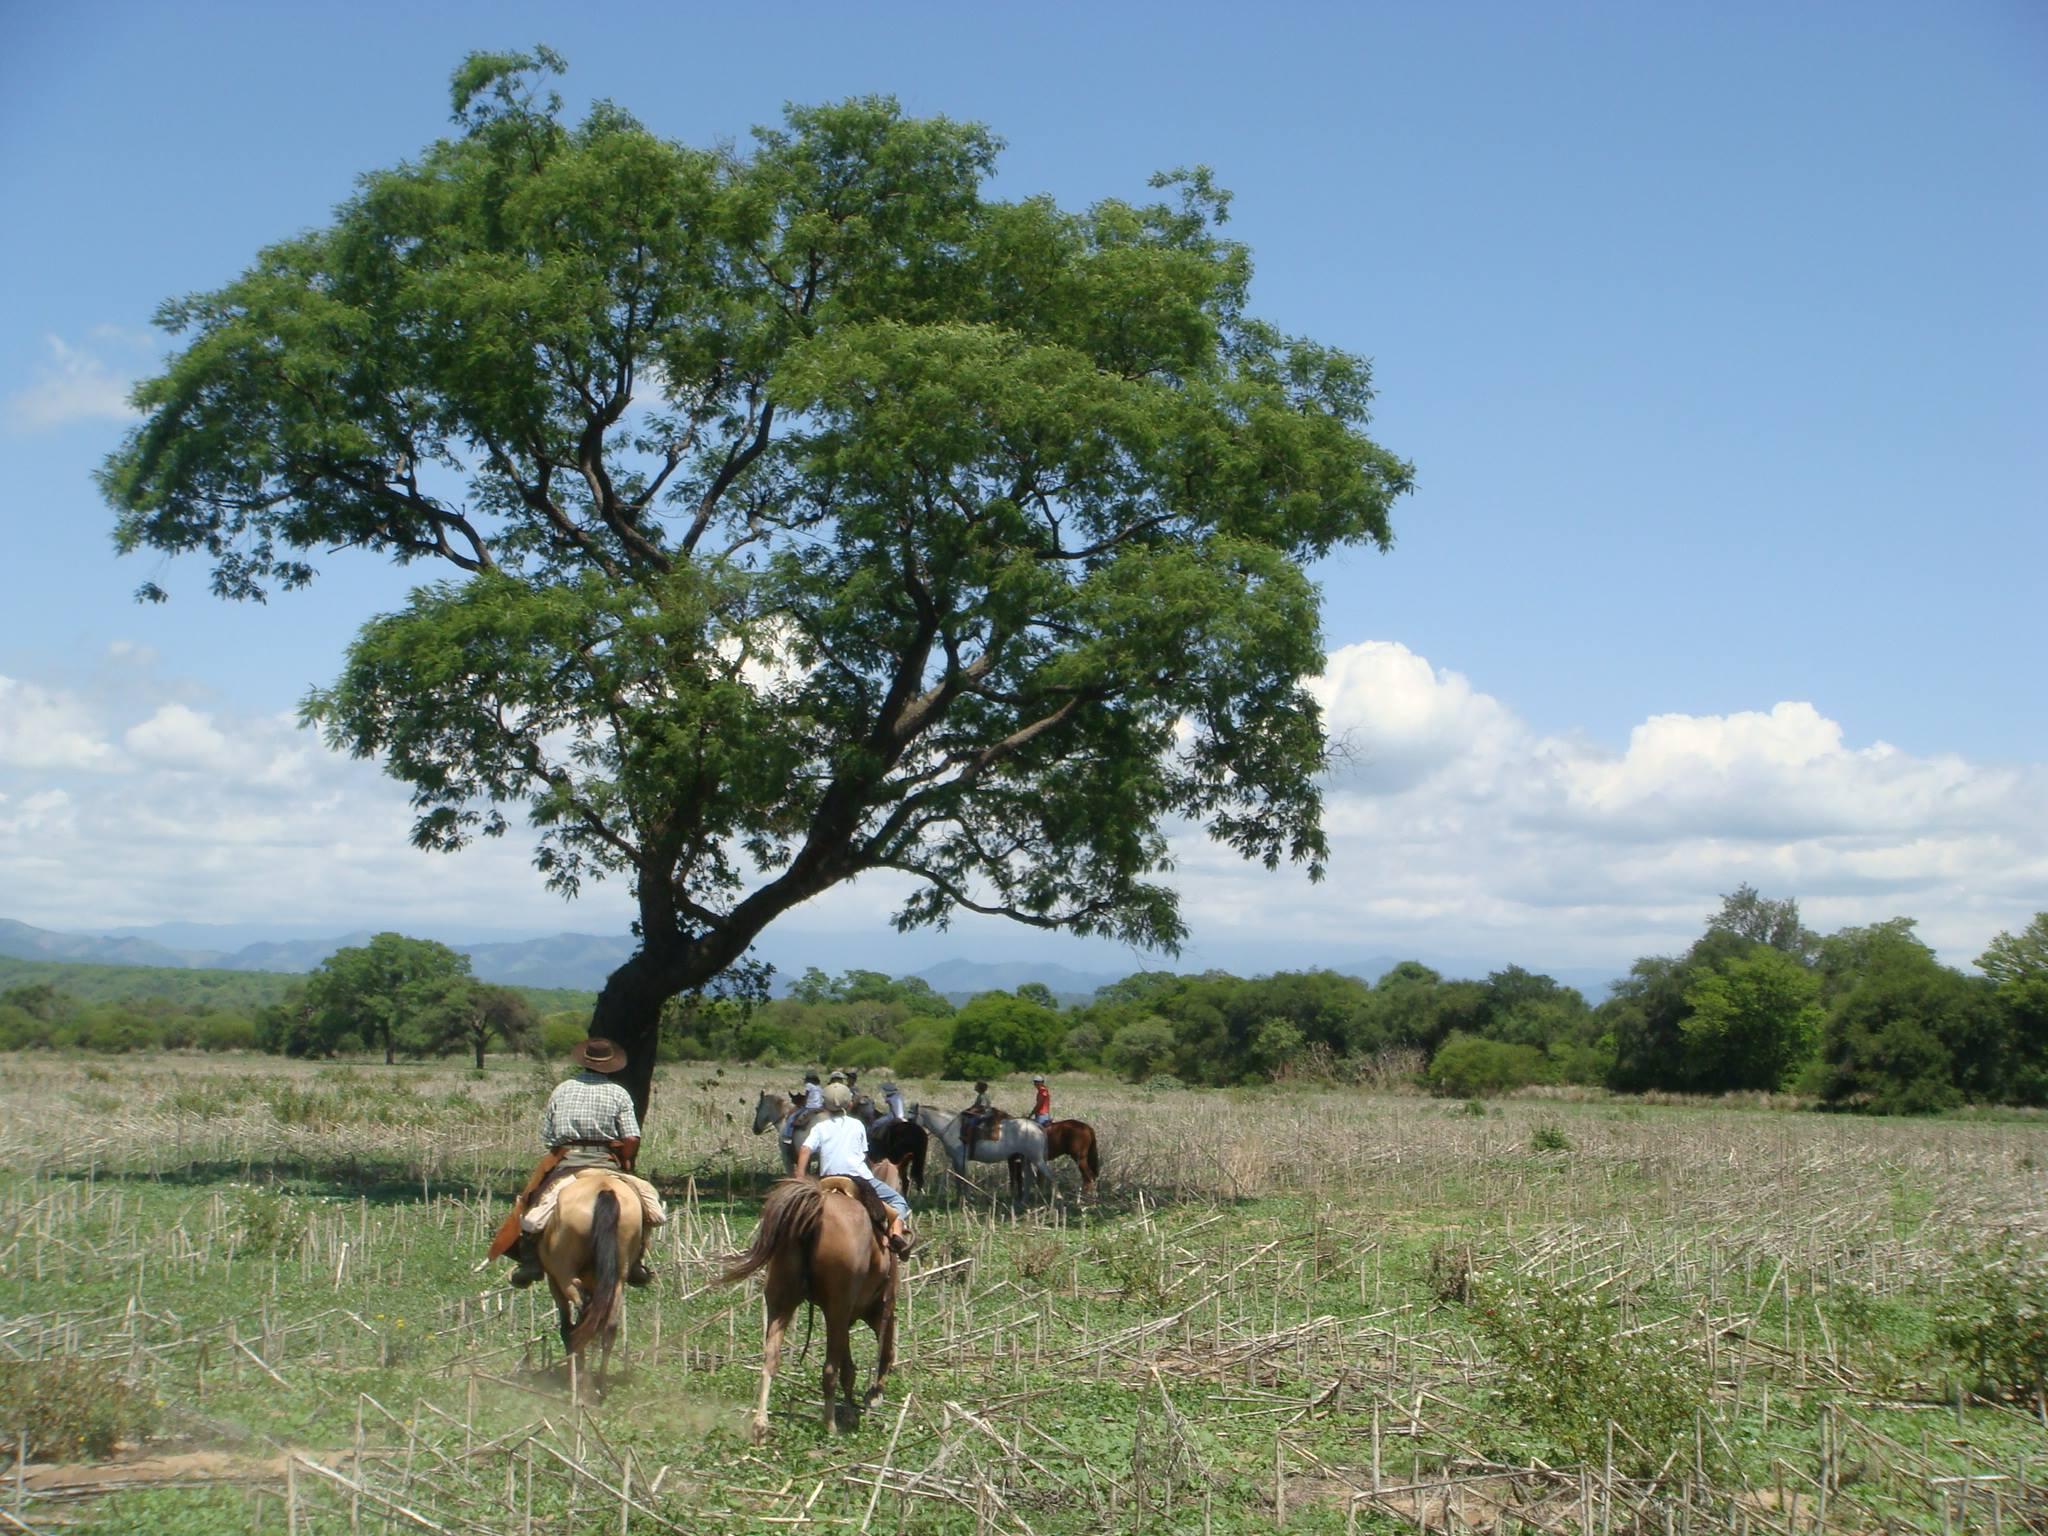 horseback-riding-at-el-bordo-de-las-lanzas-00